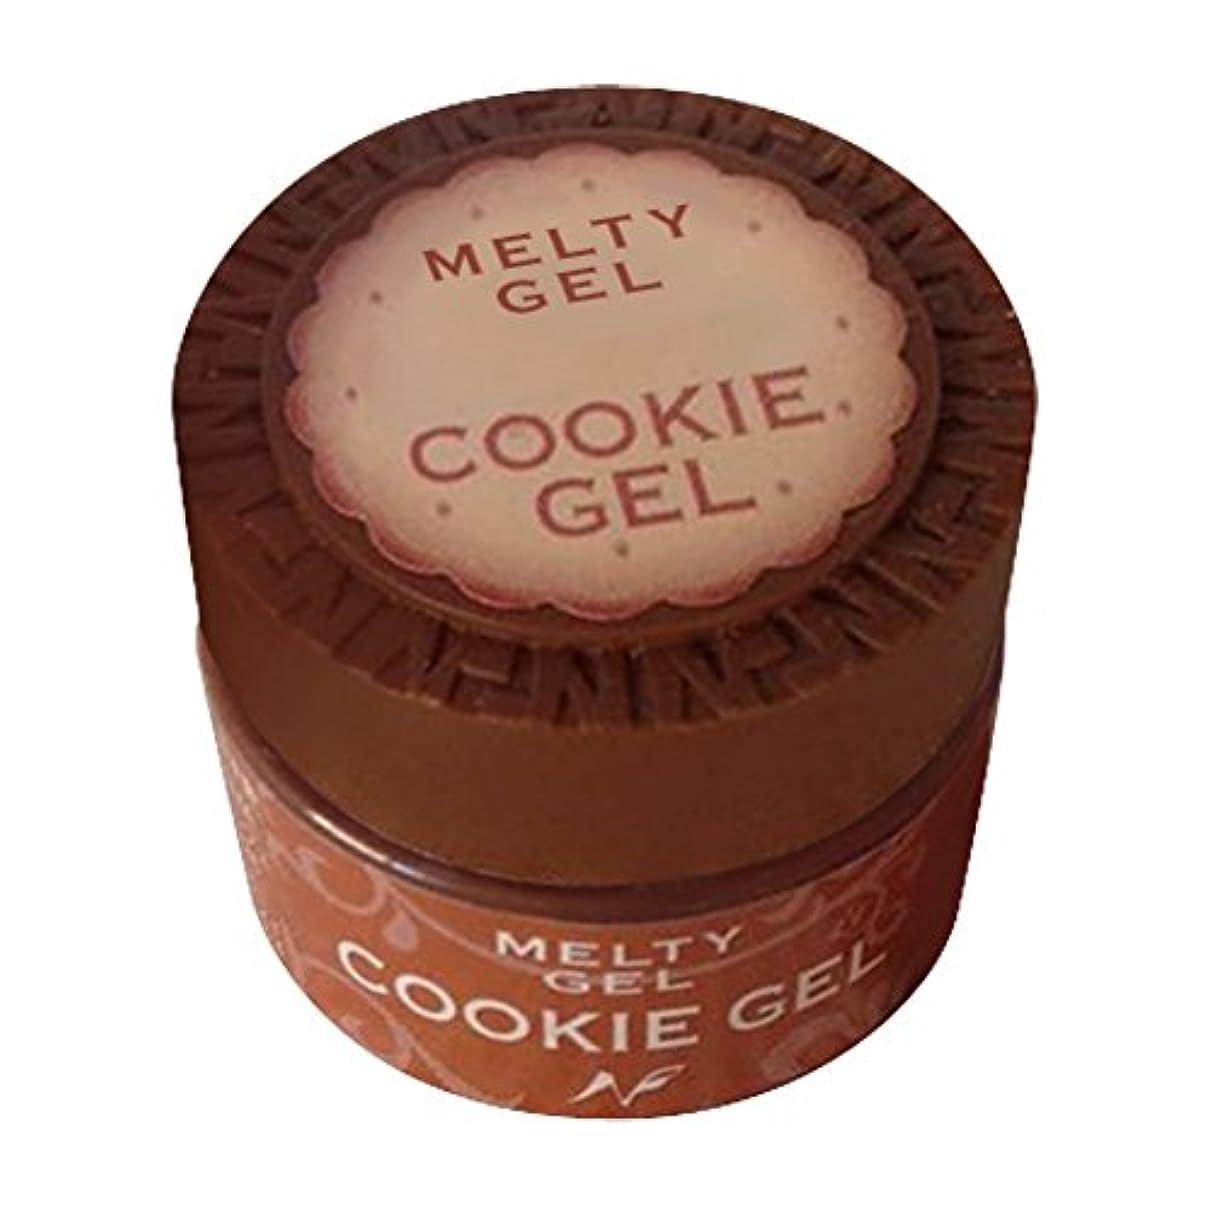 する必要がある通行人必要としているNatural Field Melty Gel クッキージェル 3906イエロー 5g